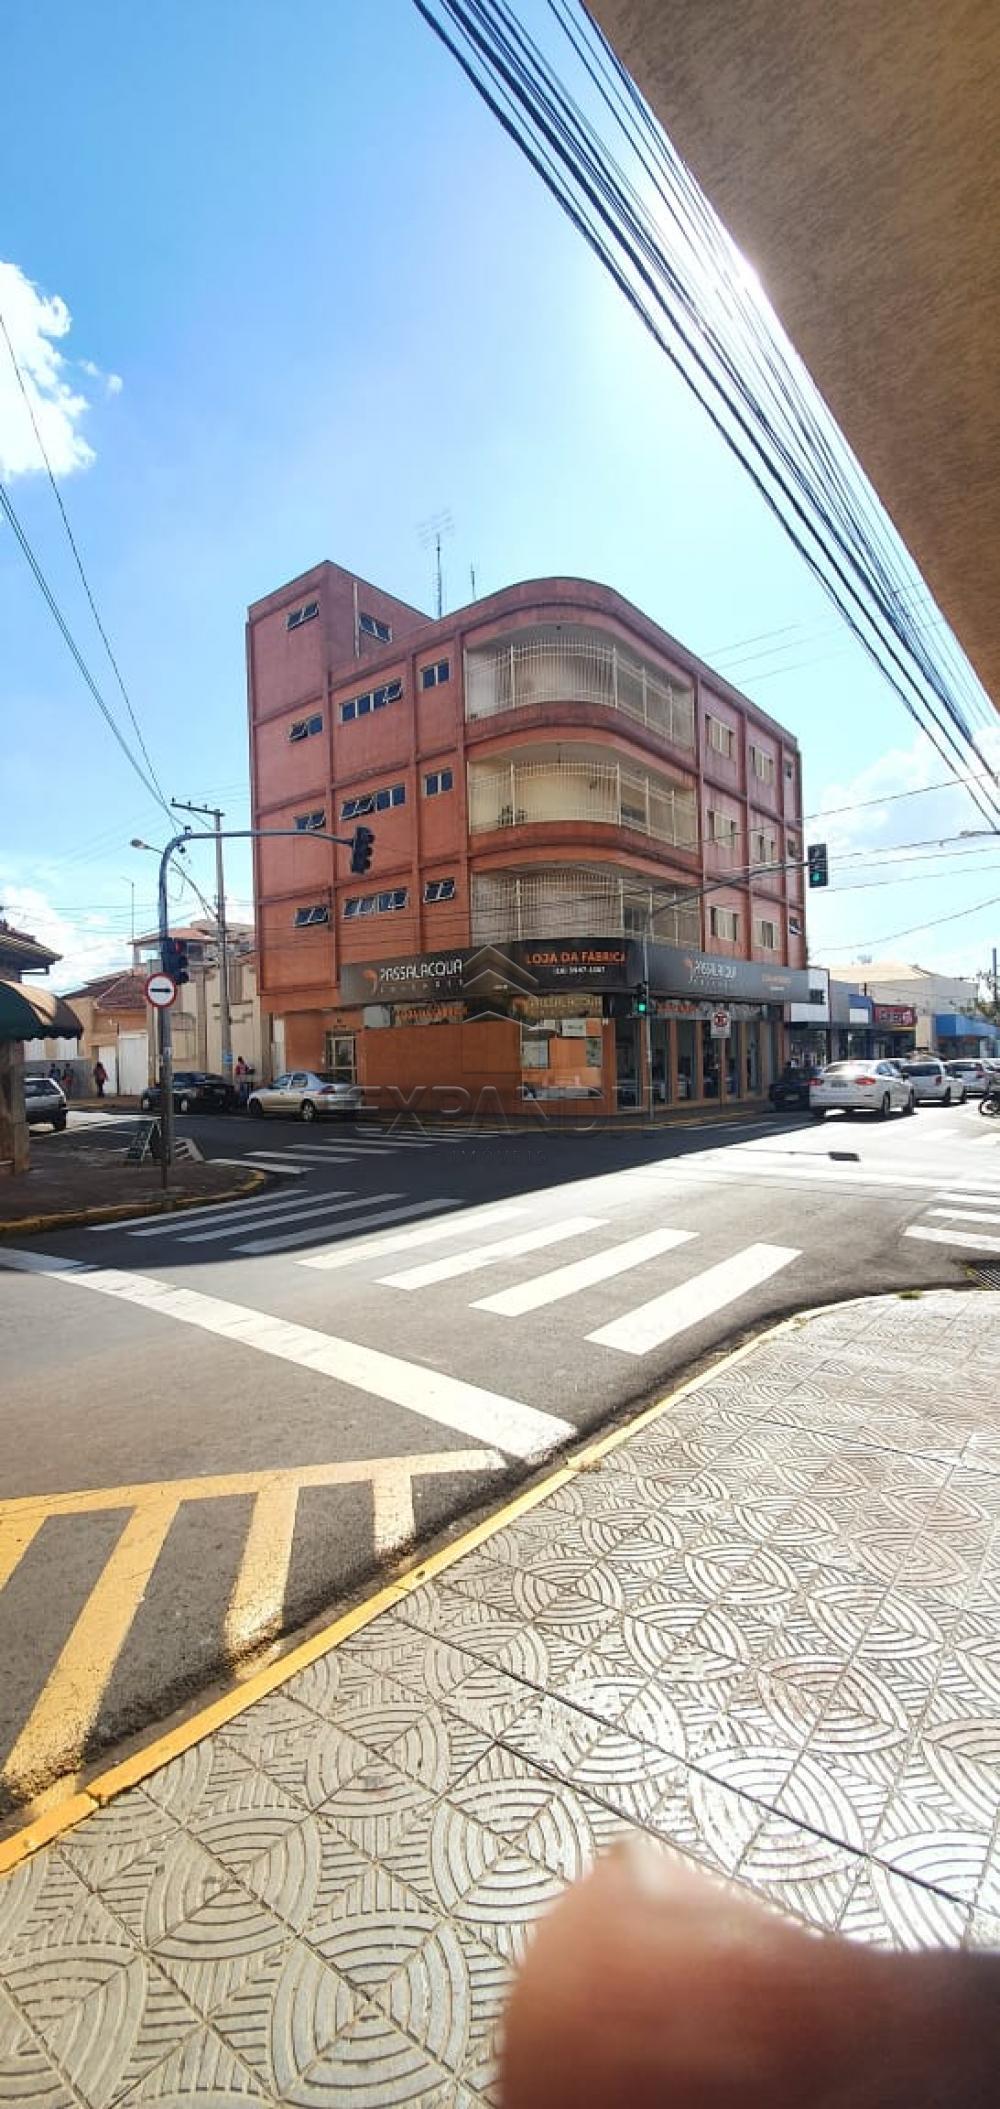 Comprar Apartamentos / Padrão em Sertãozinho apenas R$ 650.000,00 - Foto 2